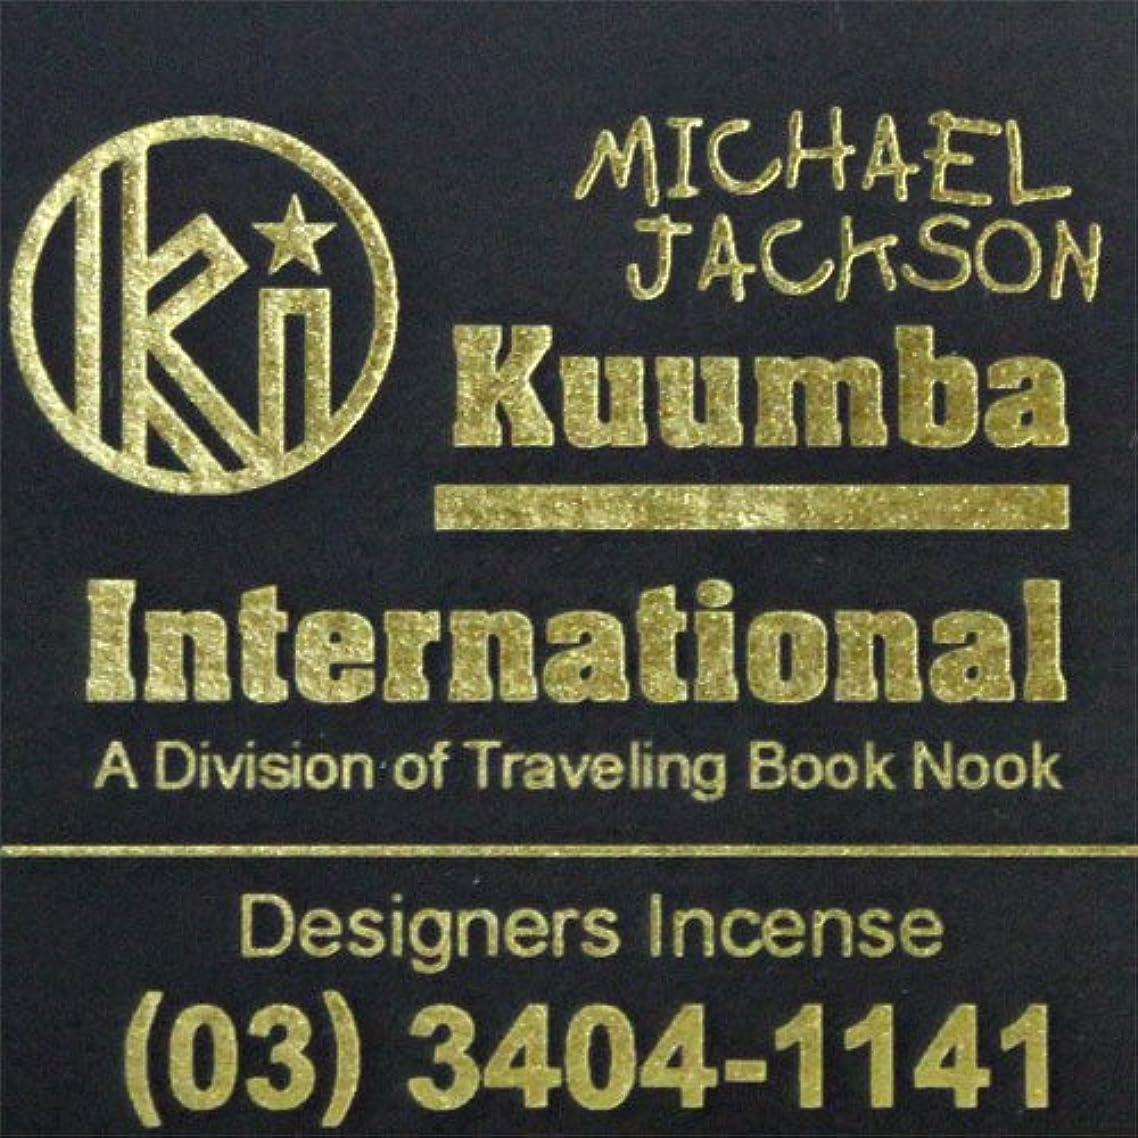 チーター九月食料品店(クンバ) KUUMBA『incense』(MICHAEL JACKSON) (Regular size)